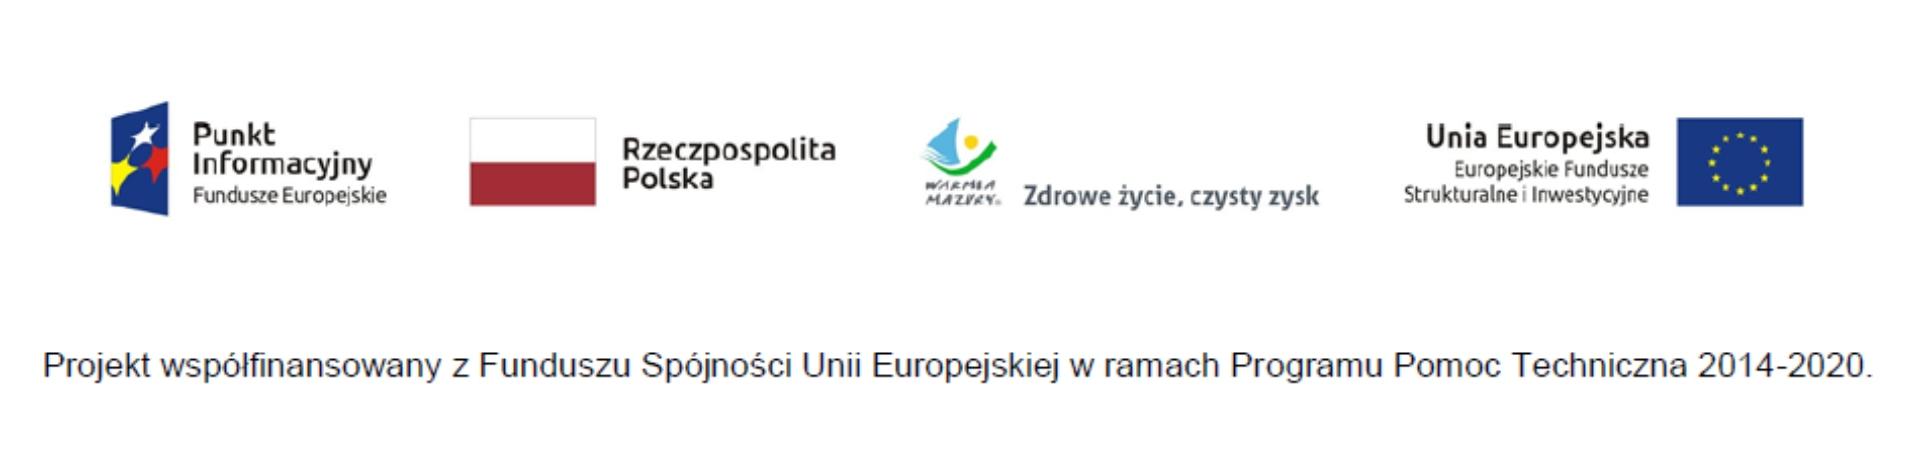 """Bezpłatne spotkanie informacyjne - """"Fundusze Europejskie na rozwój przedsiębiorstw"""""""